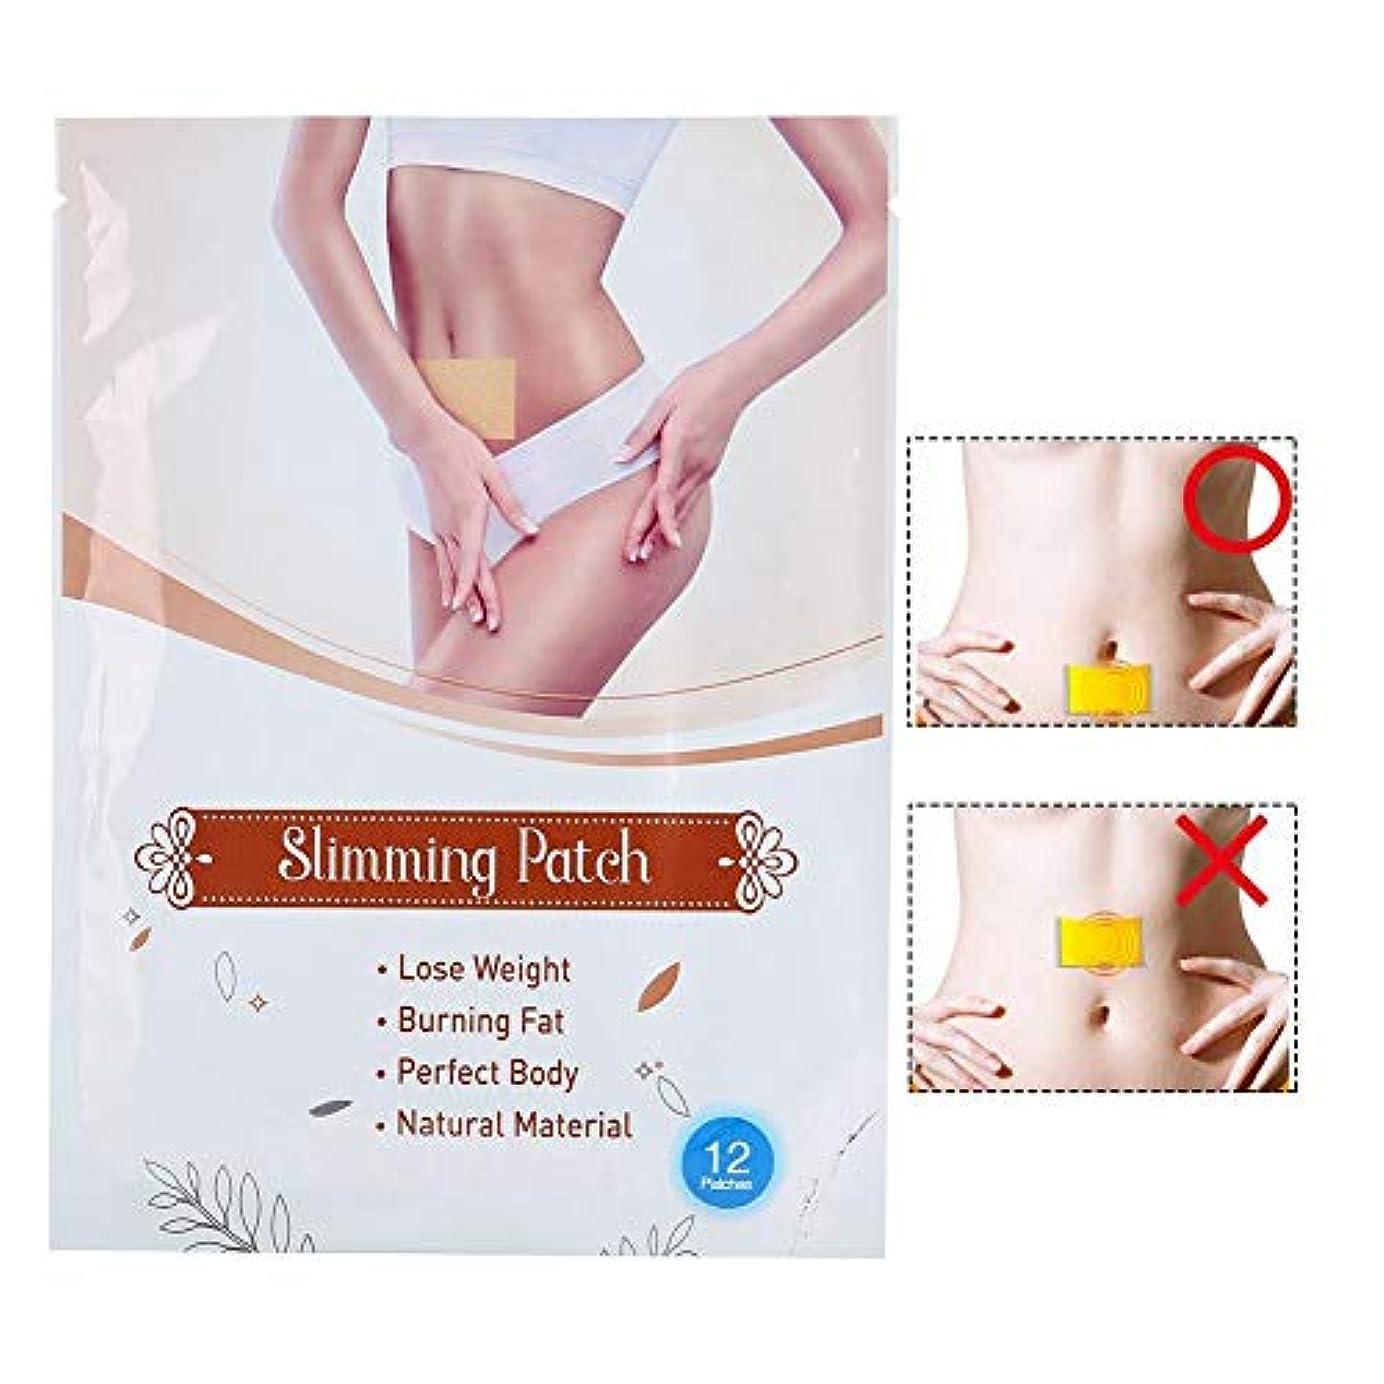 情熱的神聖敬意を表する12PCS痩身ステッカー - 体脂肪バーナー - 減量デトックス、スリムパッチ - 男性と女性用